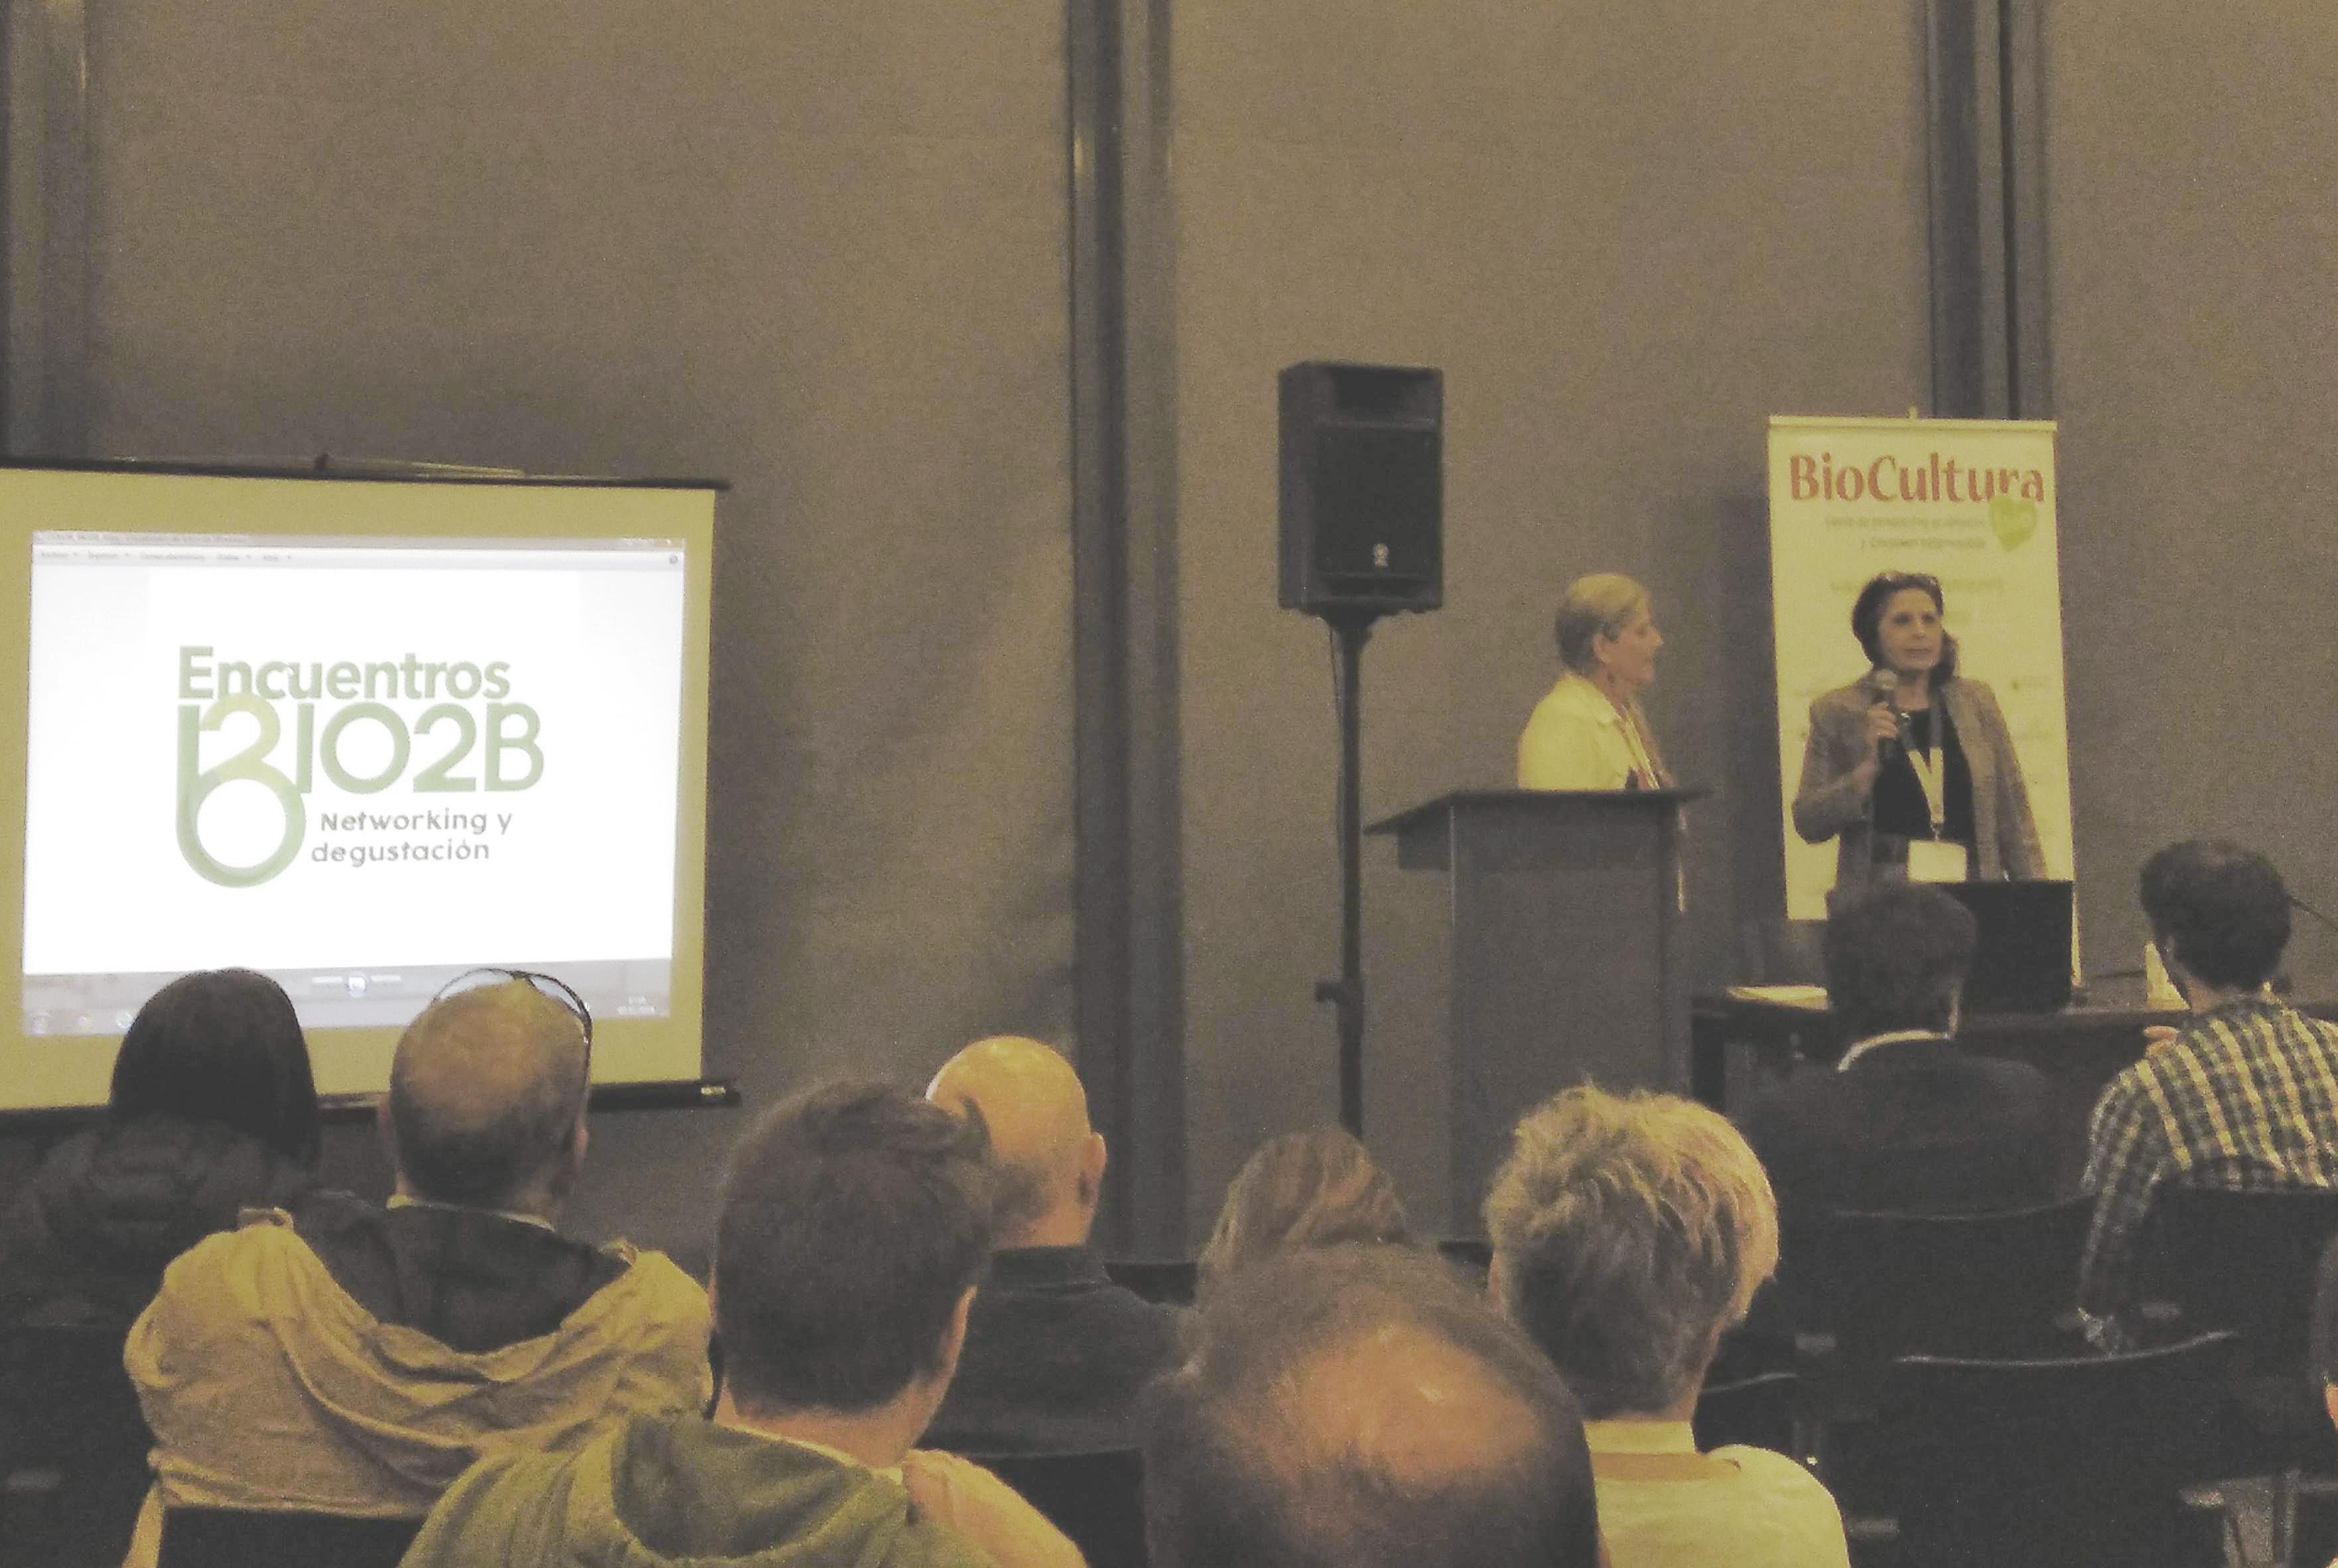 El uso del plástico y sus alternativas en el envasado de los productos eco foco de atención en la edición más exitosa de los Encuentros Bio2b